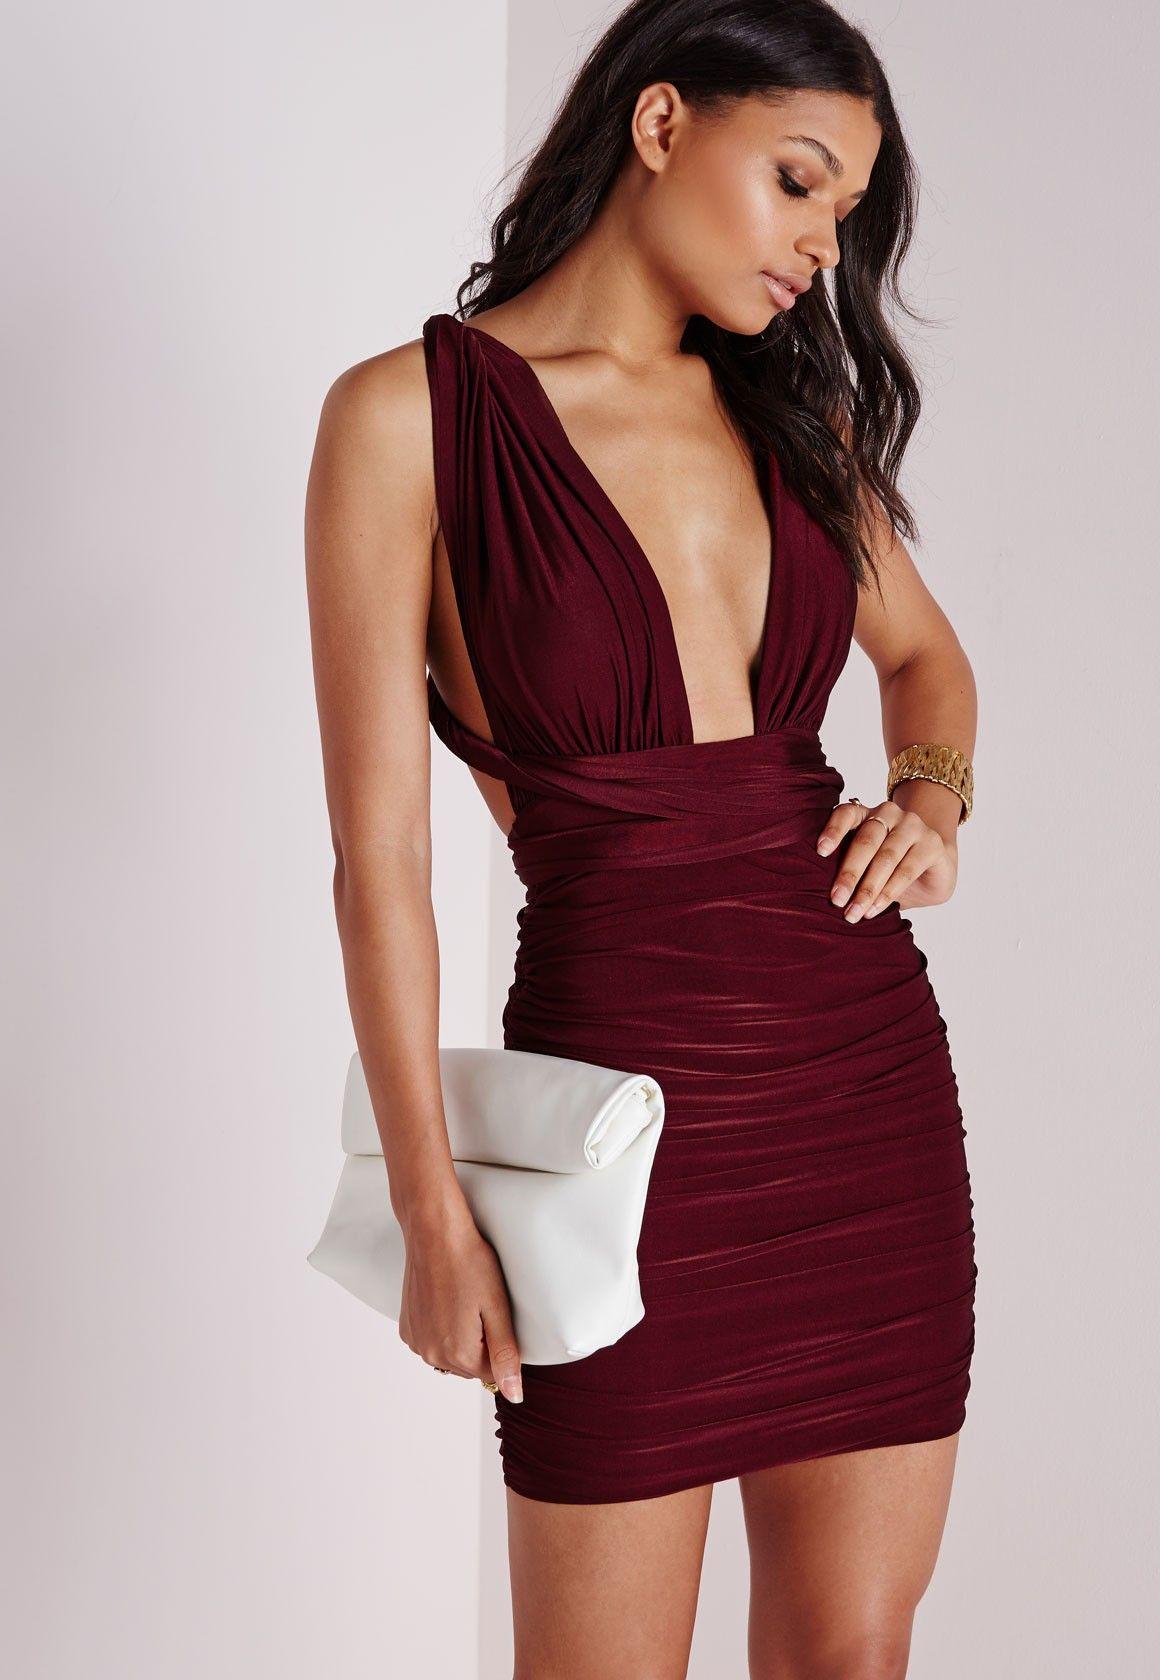 Multi Way Slinky Bodycon Dress Burgundy - Dresses - Bodycon ...